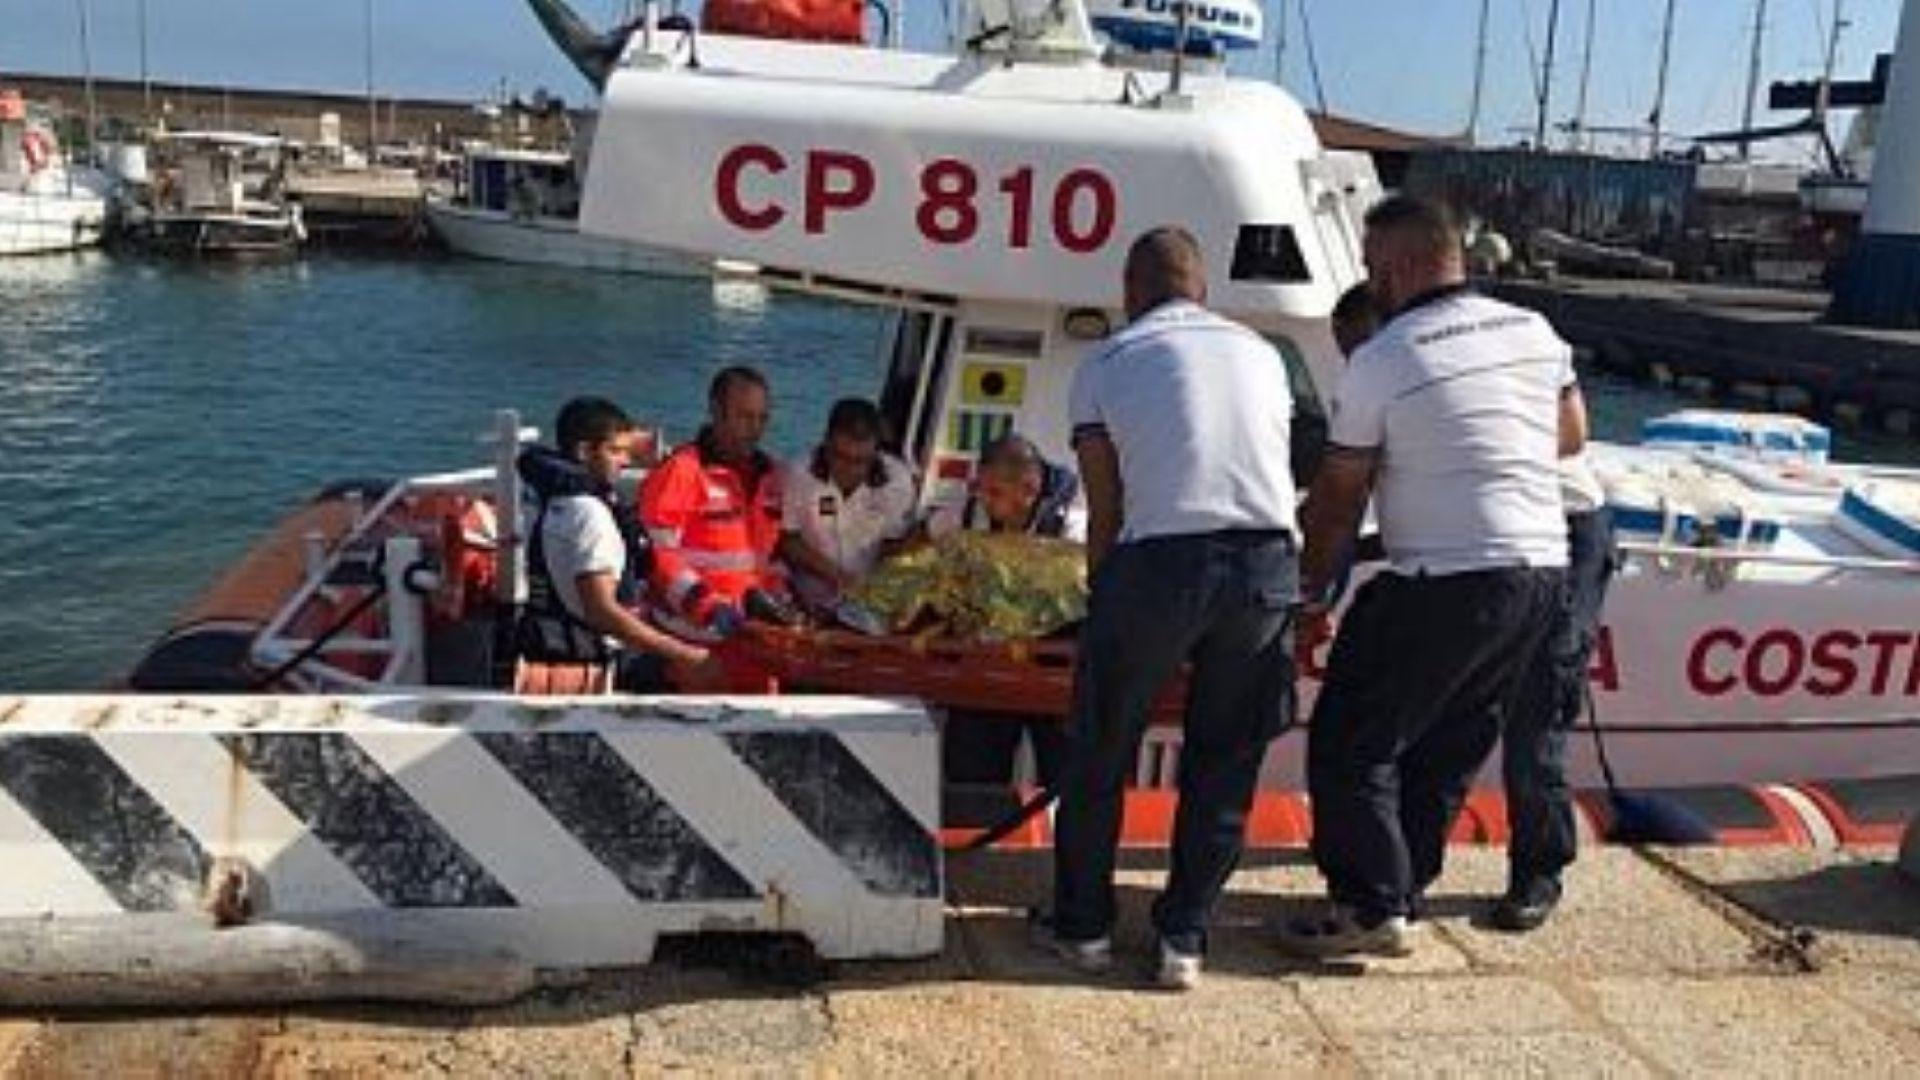 Италианската брегова охрана спаси българин с инфаркт на круизен кораб